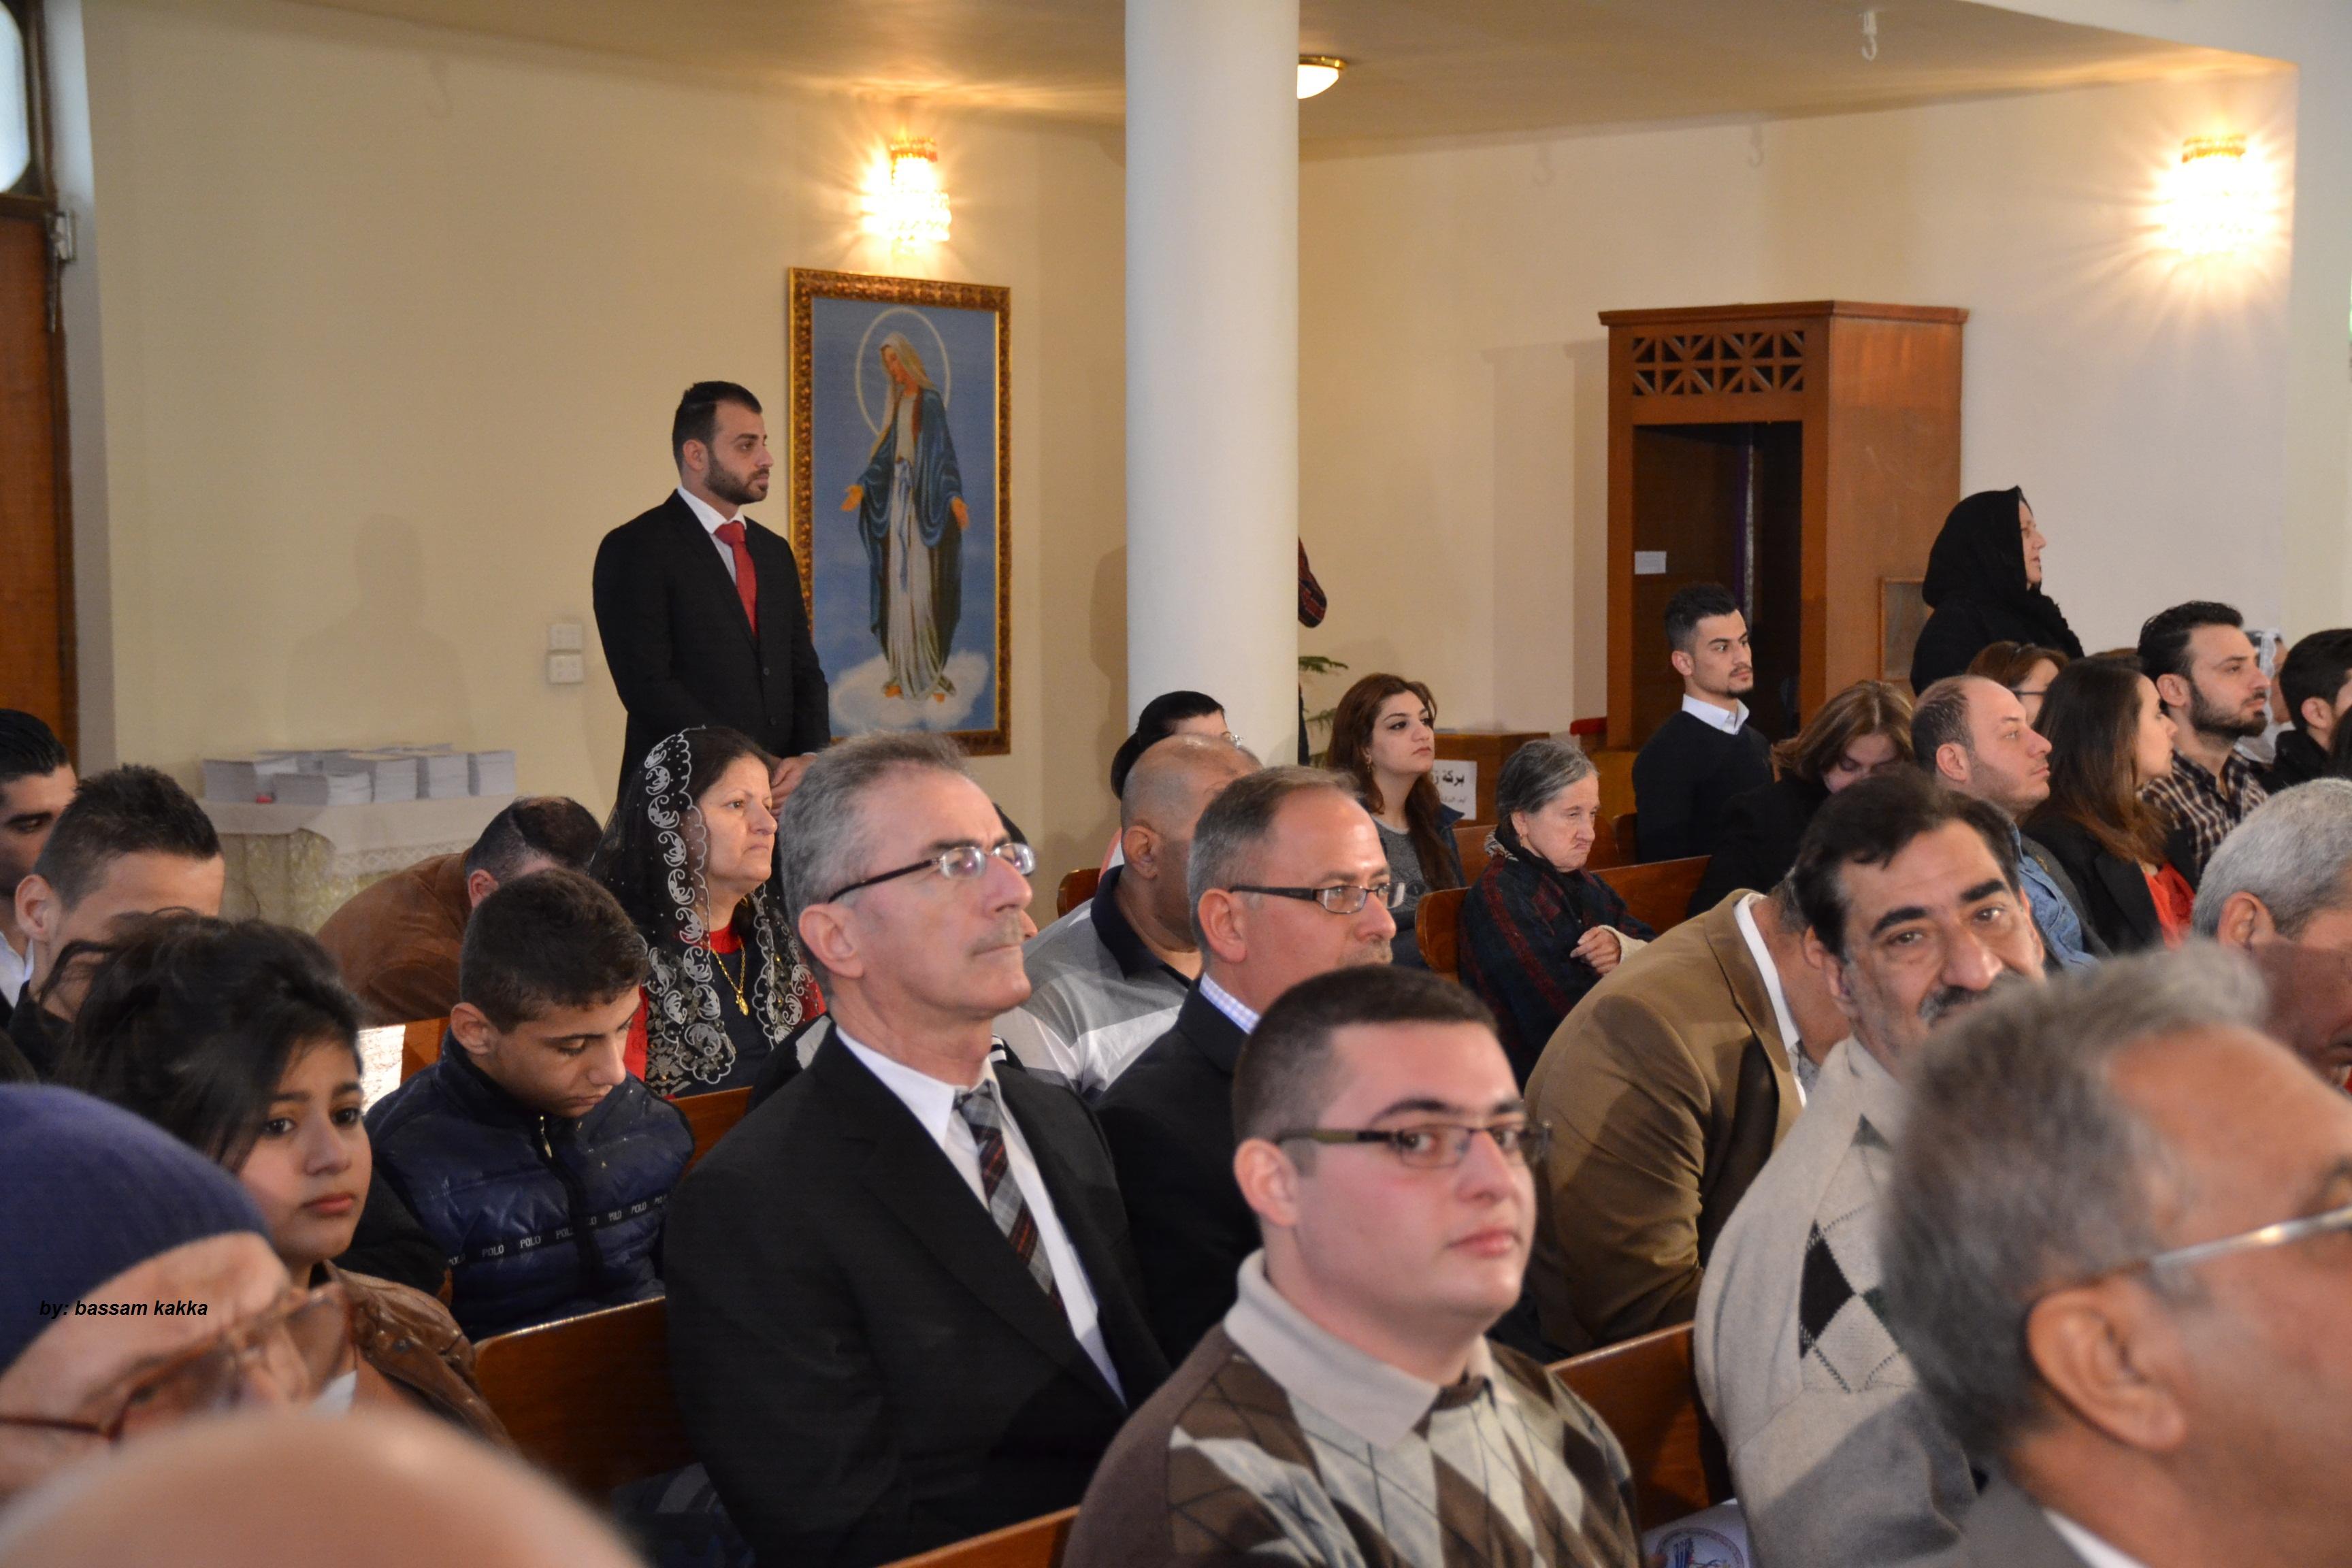 وزير العلوم يكسر قيود البروتوكول بالجلوس في المقاعد الخلفية باحتفال للكنيسة